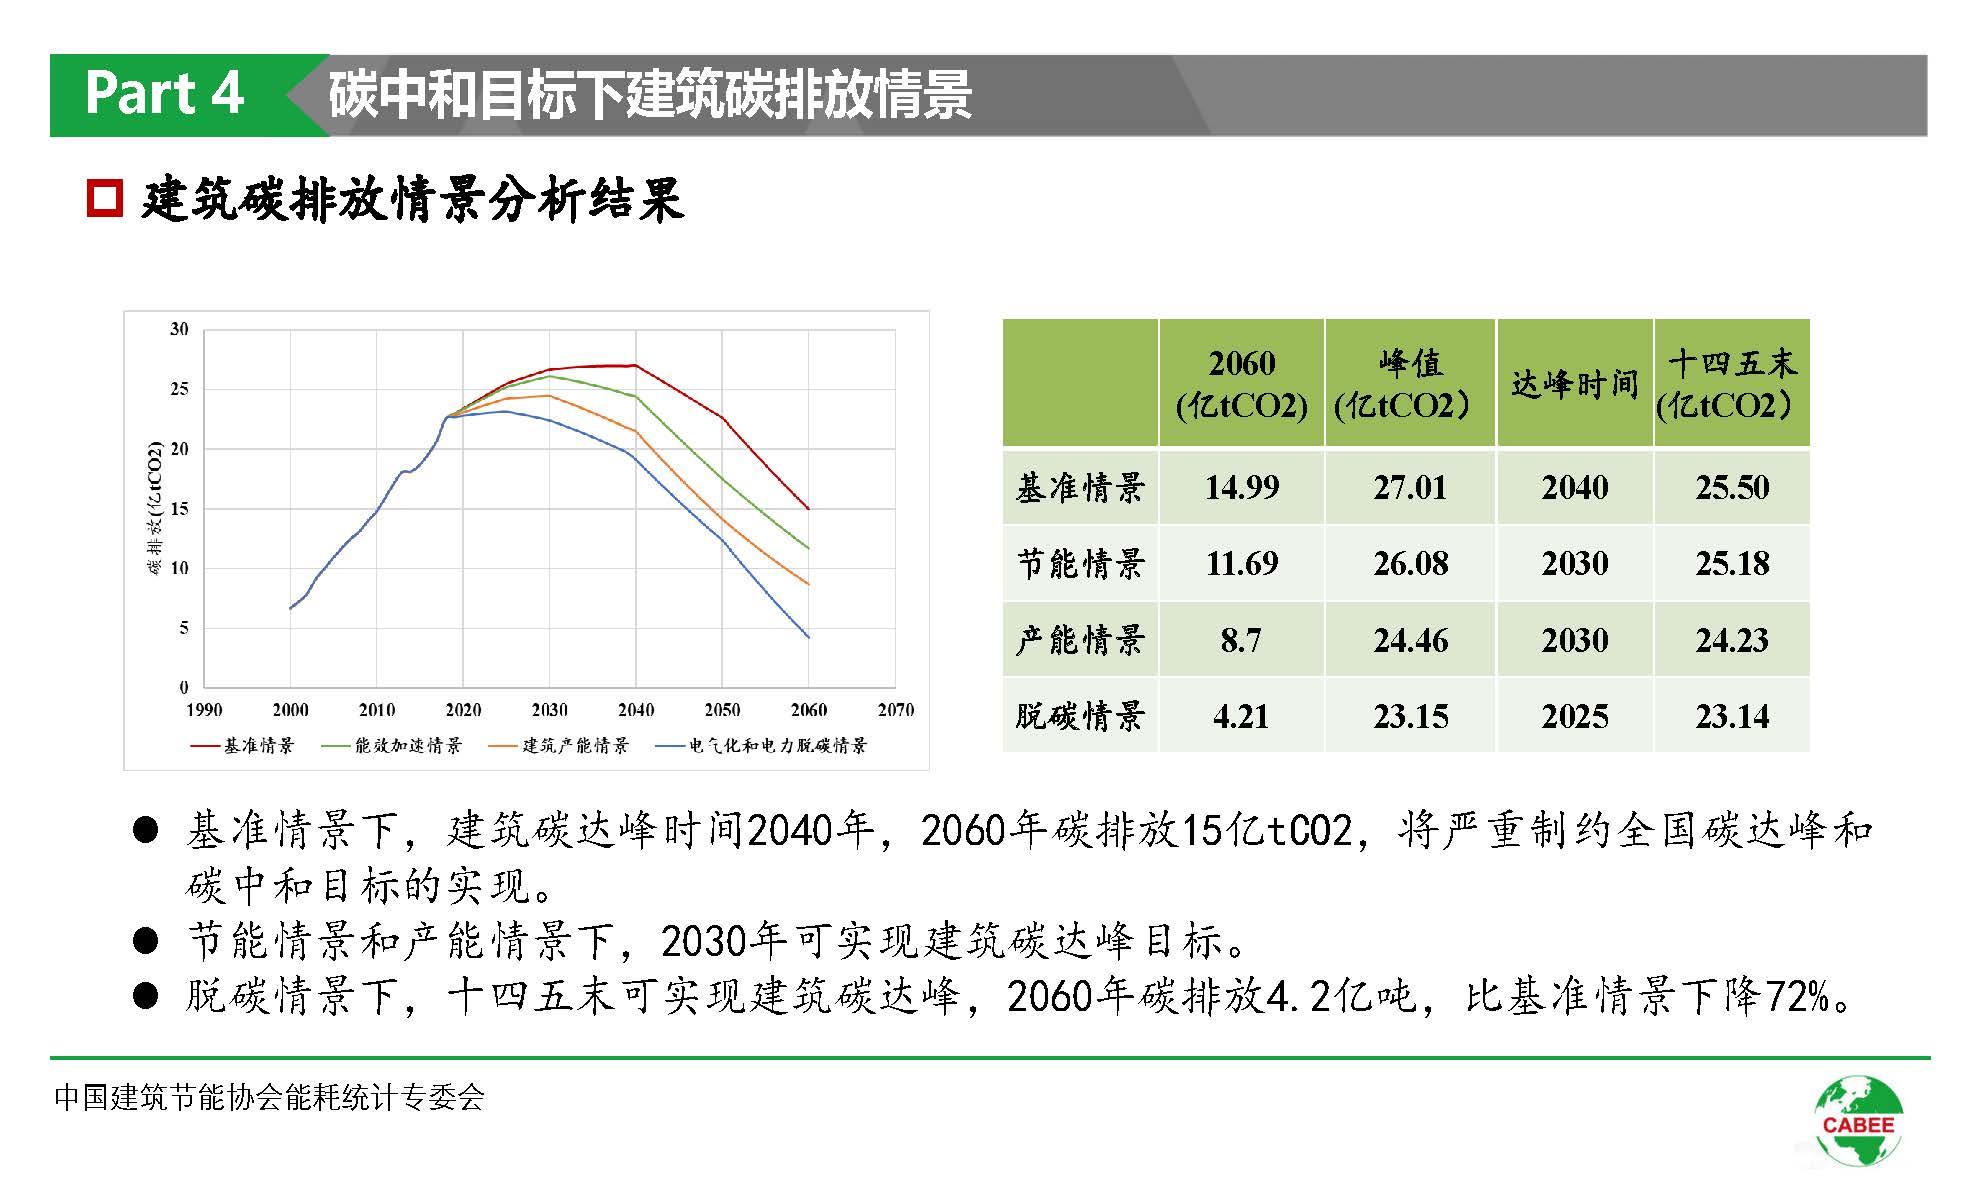 中国建筑能耗研究报告(2020)(1)_页面_35.jpg